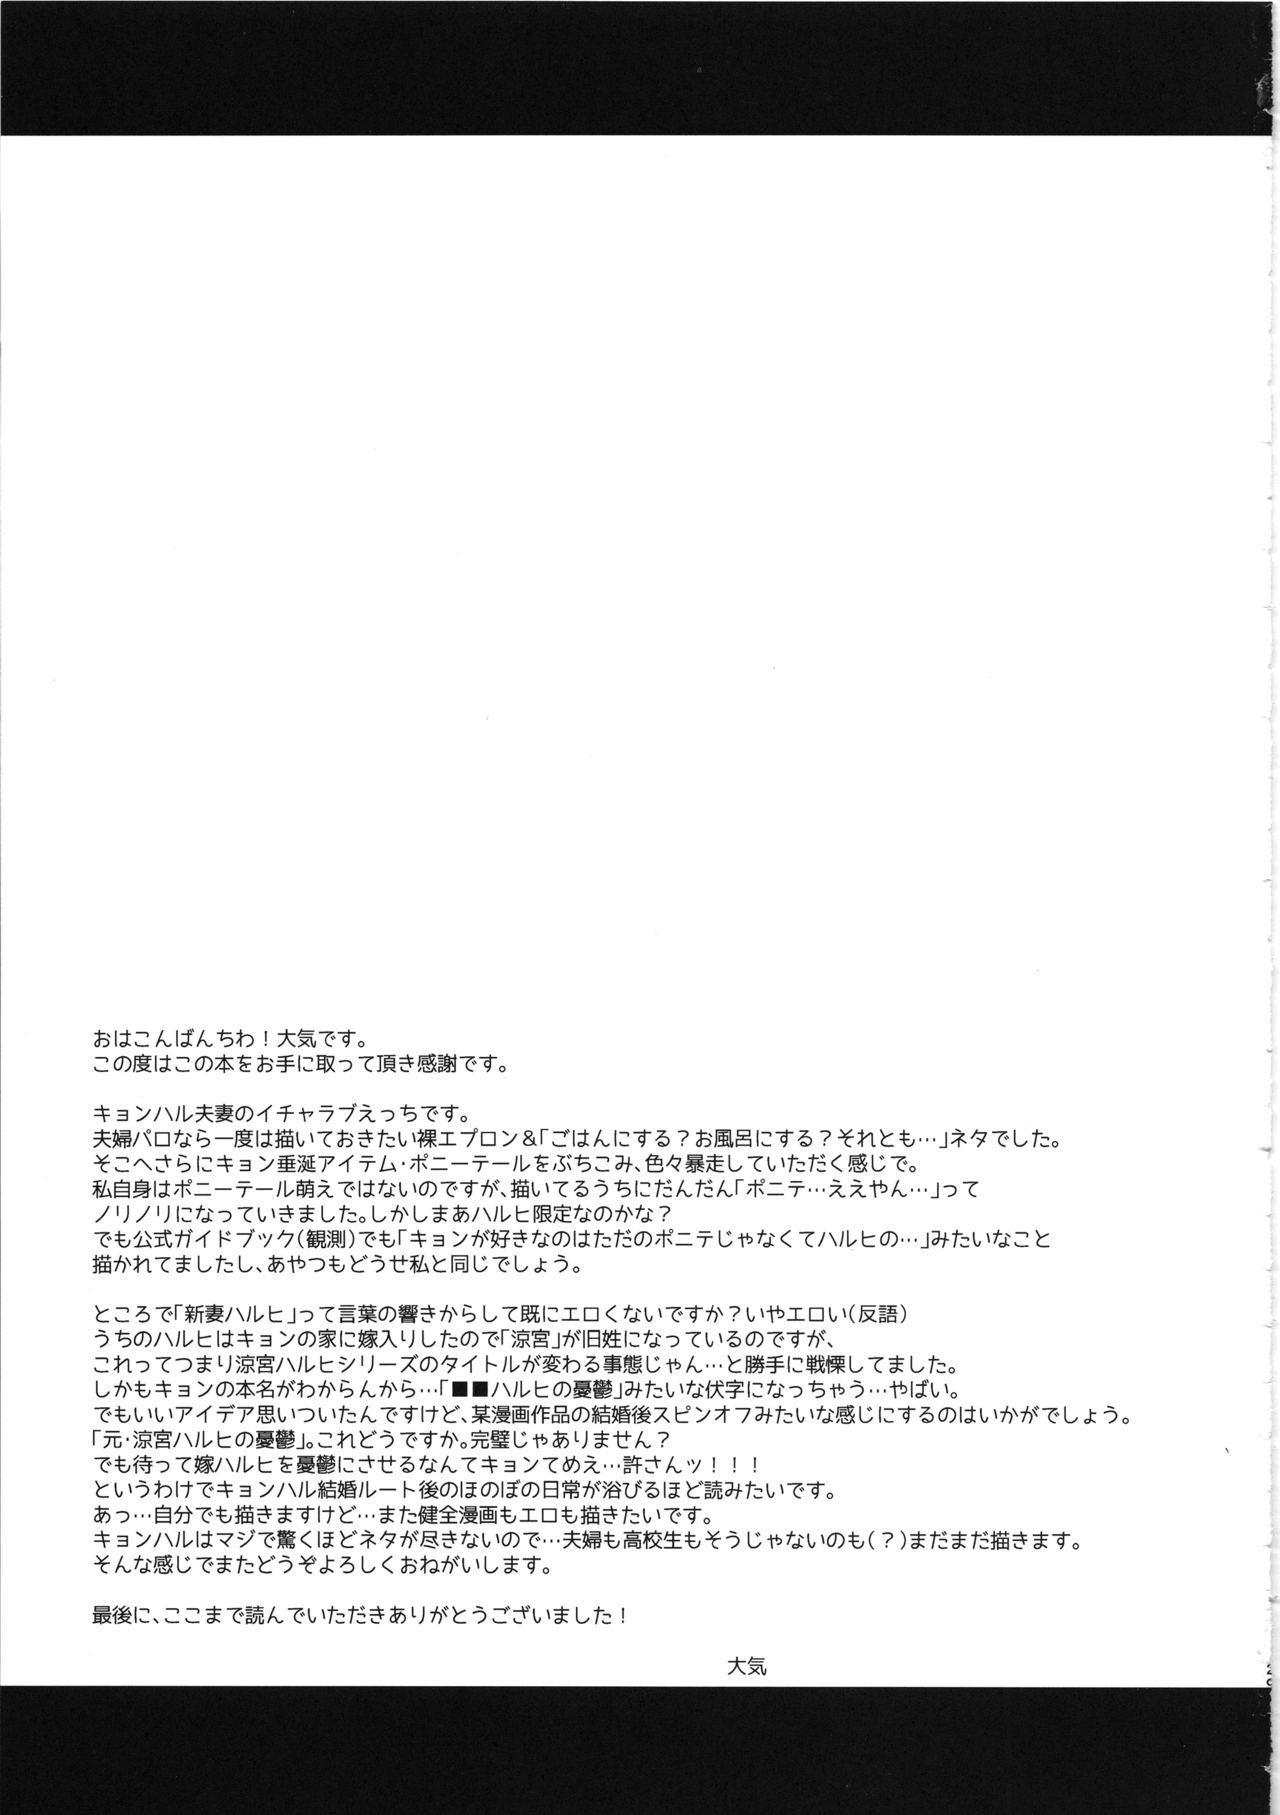 Haruhi wa Ore no Yome 27